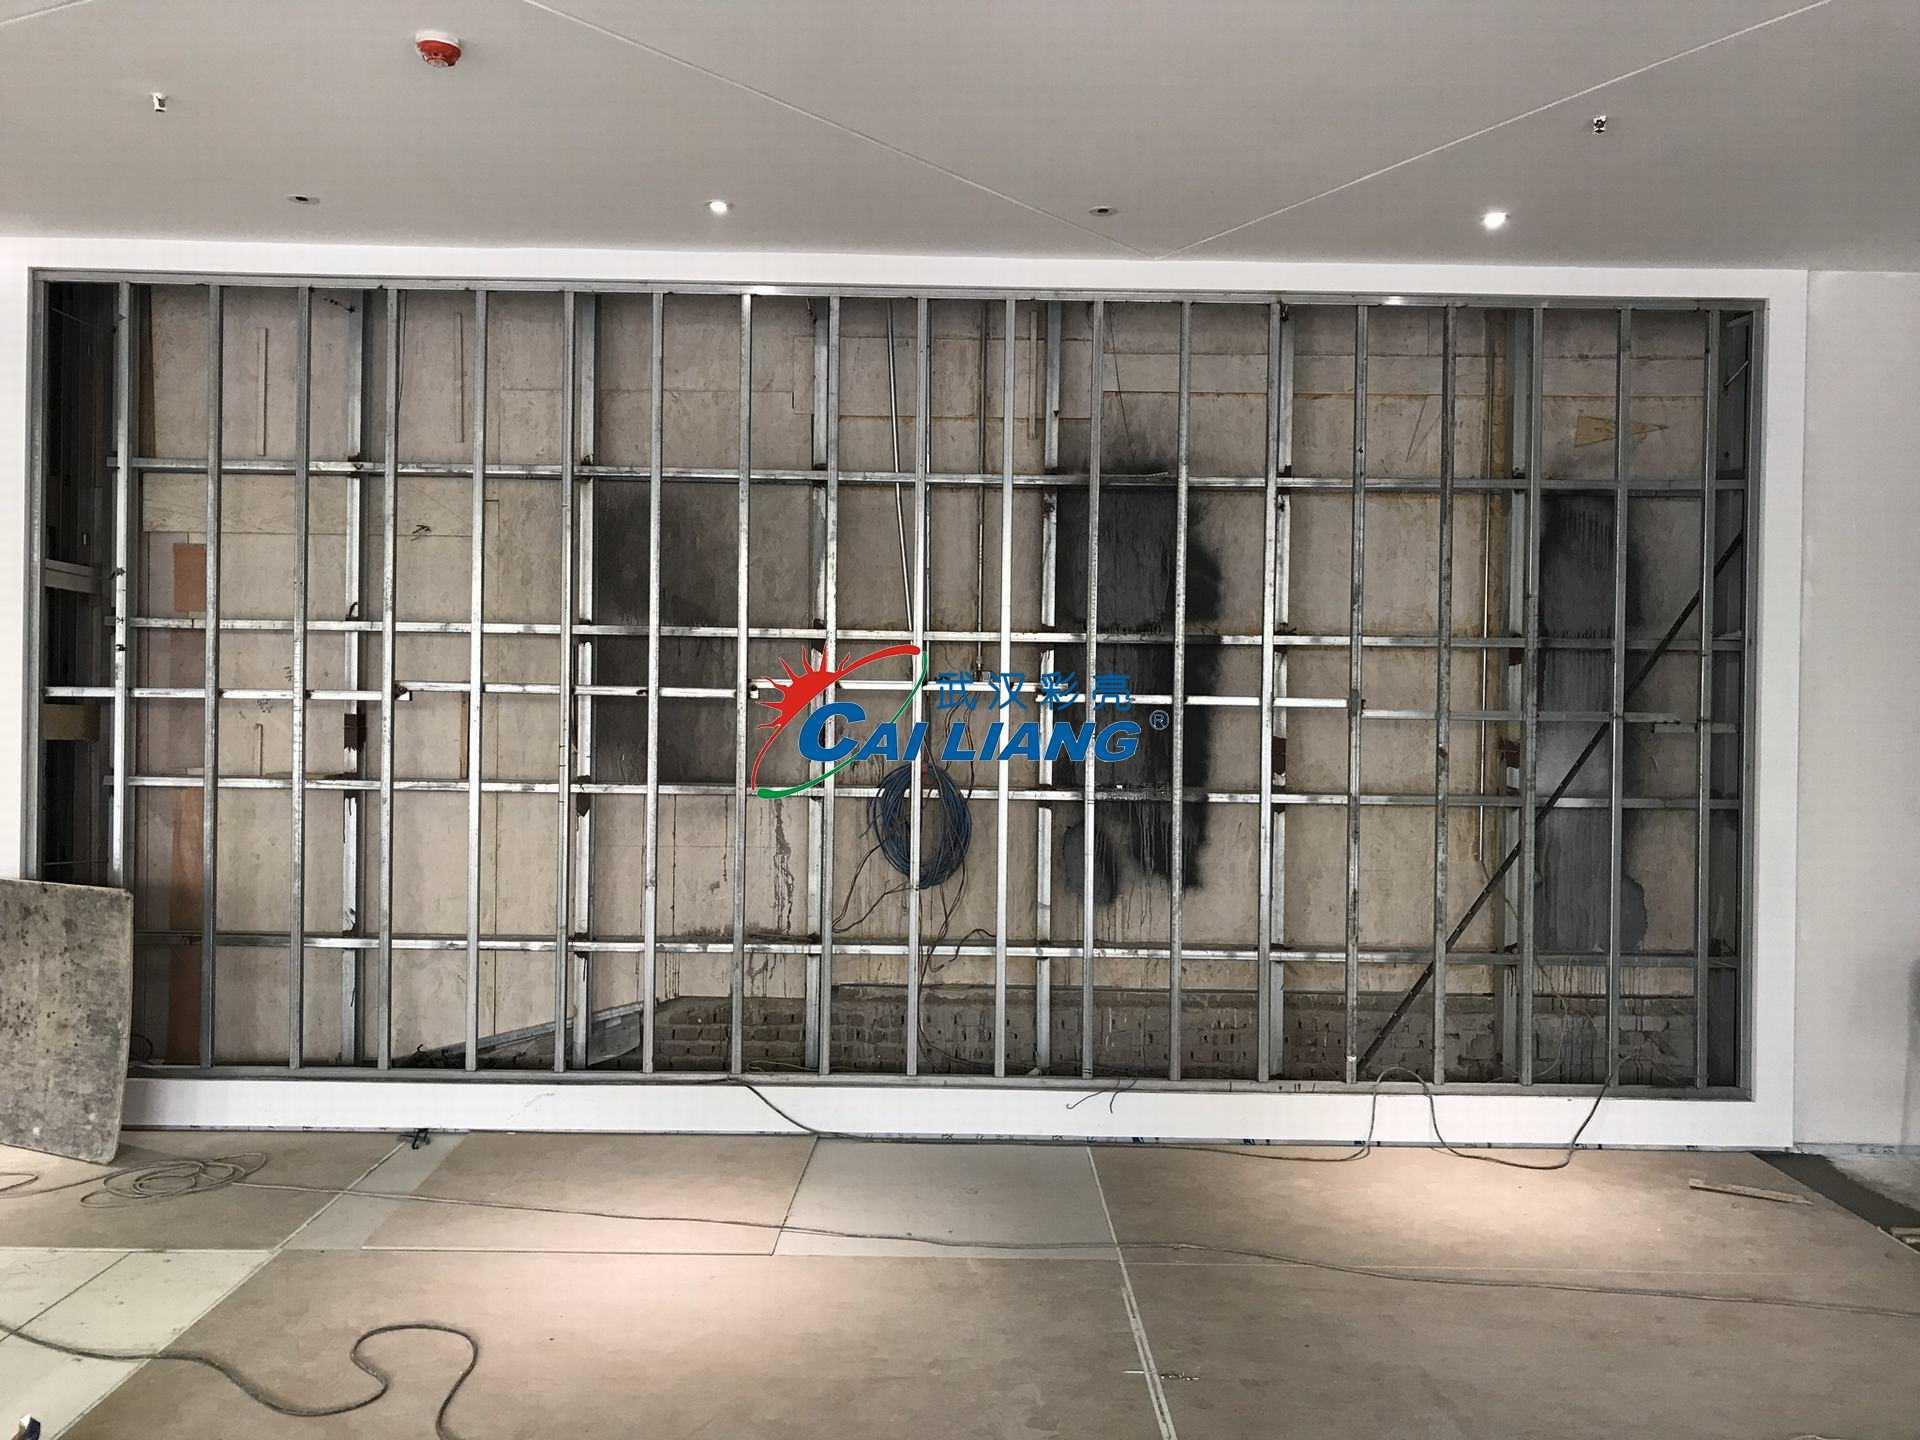 P1.875小间距及室内P2.5全彩LED显示屏(图5)